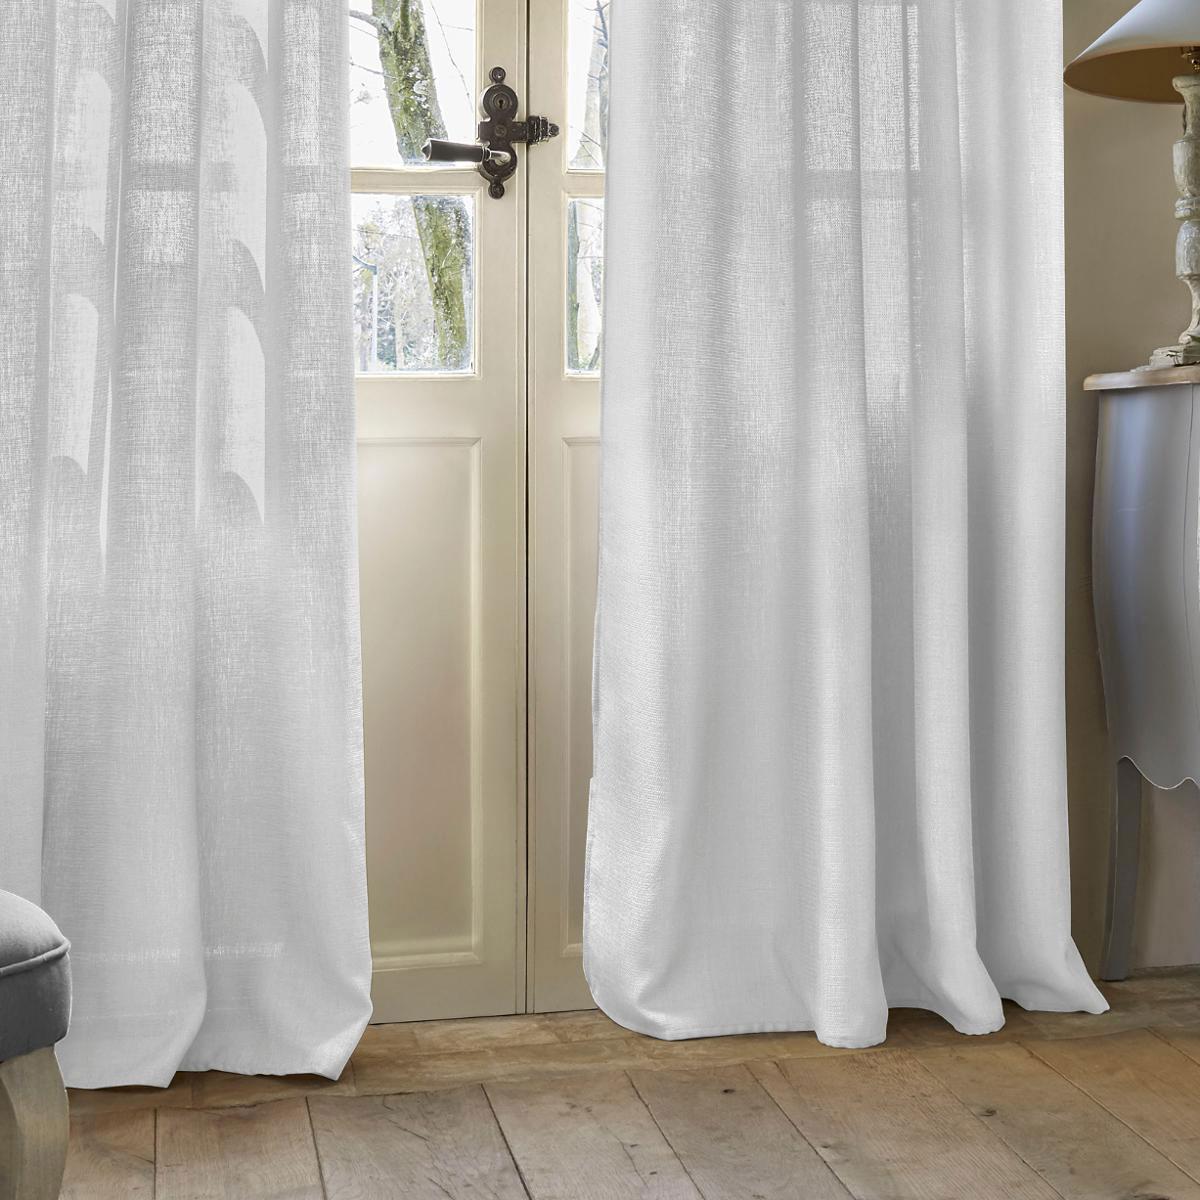 rideau effet petite maille blanc lin homemaison vente en ligne tous les rideaux. Black Bedroom Furniture Sets. Home Design Ideas